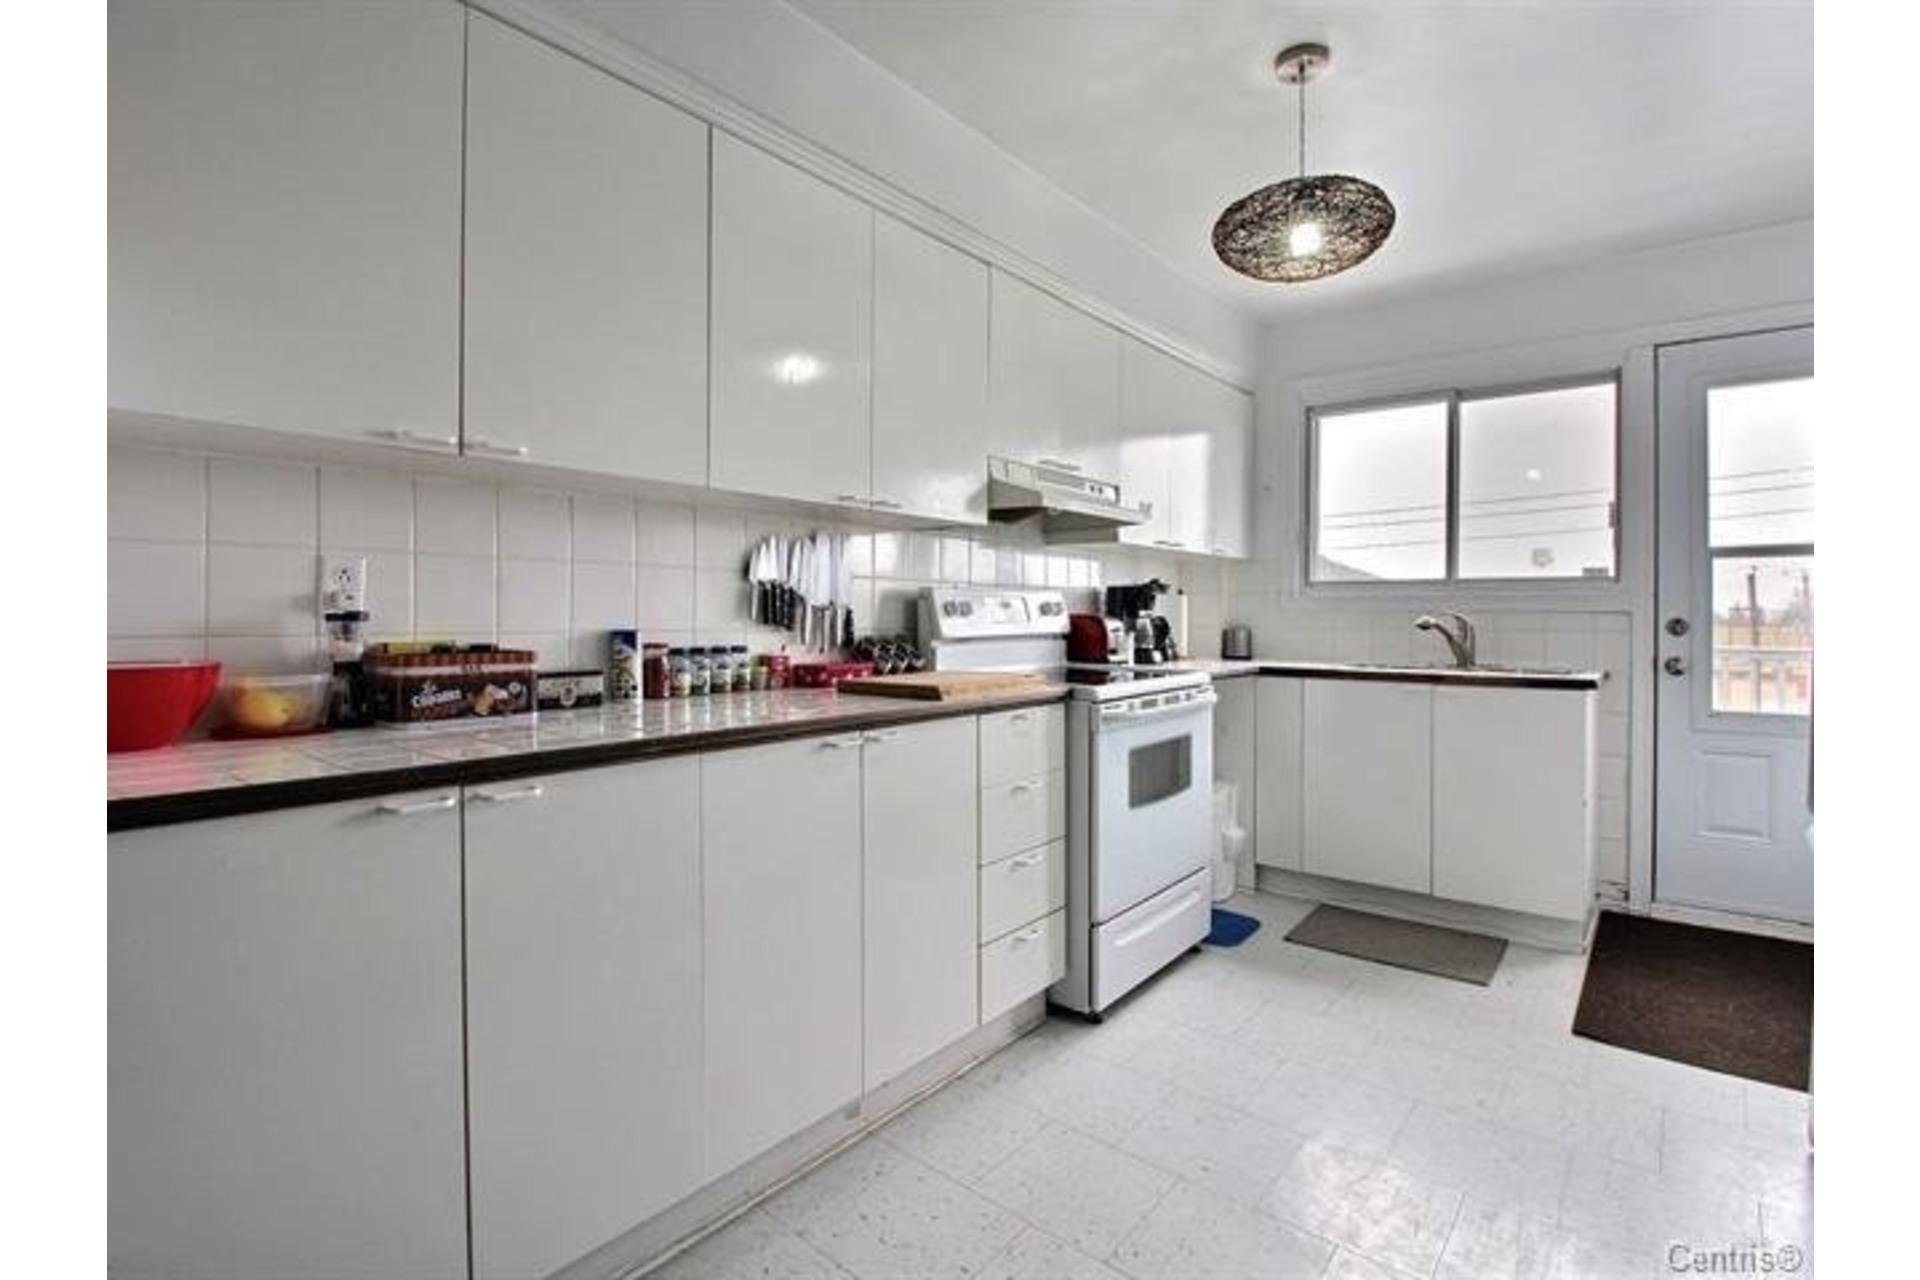 image 27 - Triplex For sale Montréal Mercier/Hochelaga-Maisonneuve  - 7 rooms